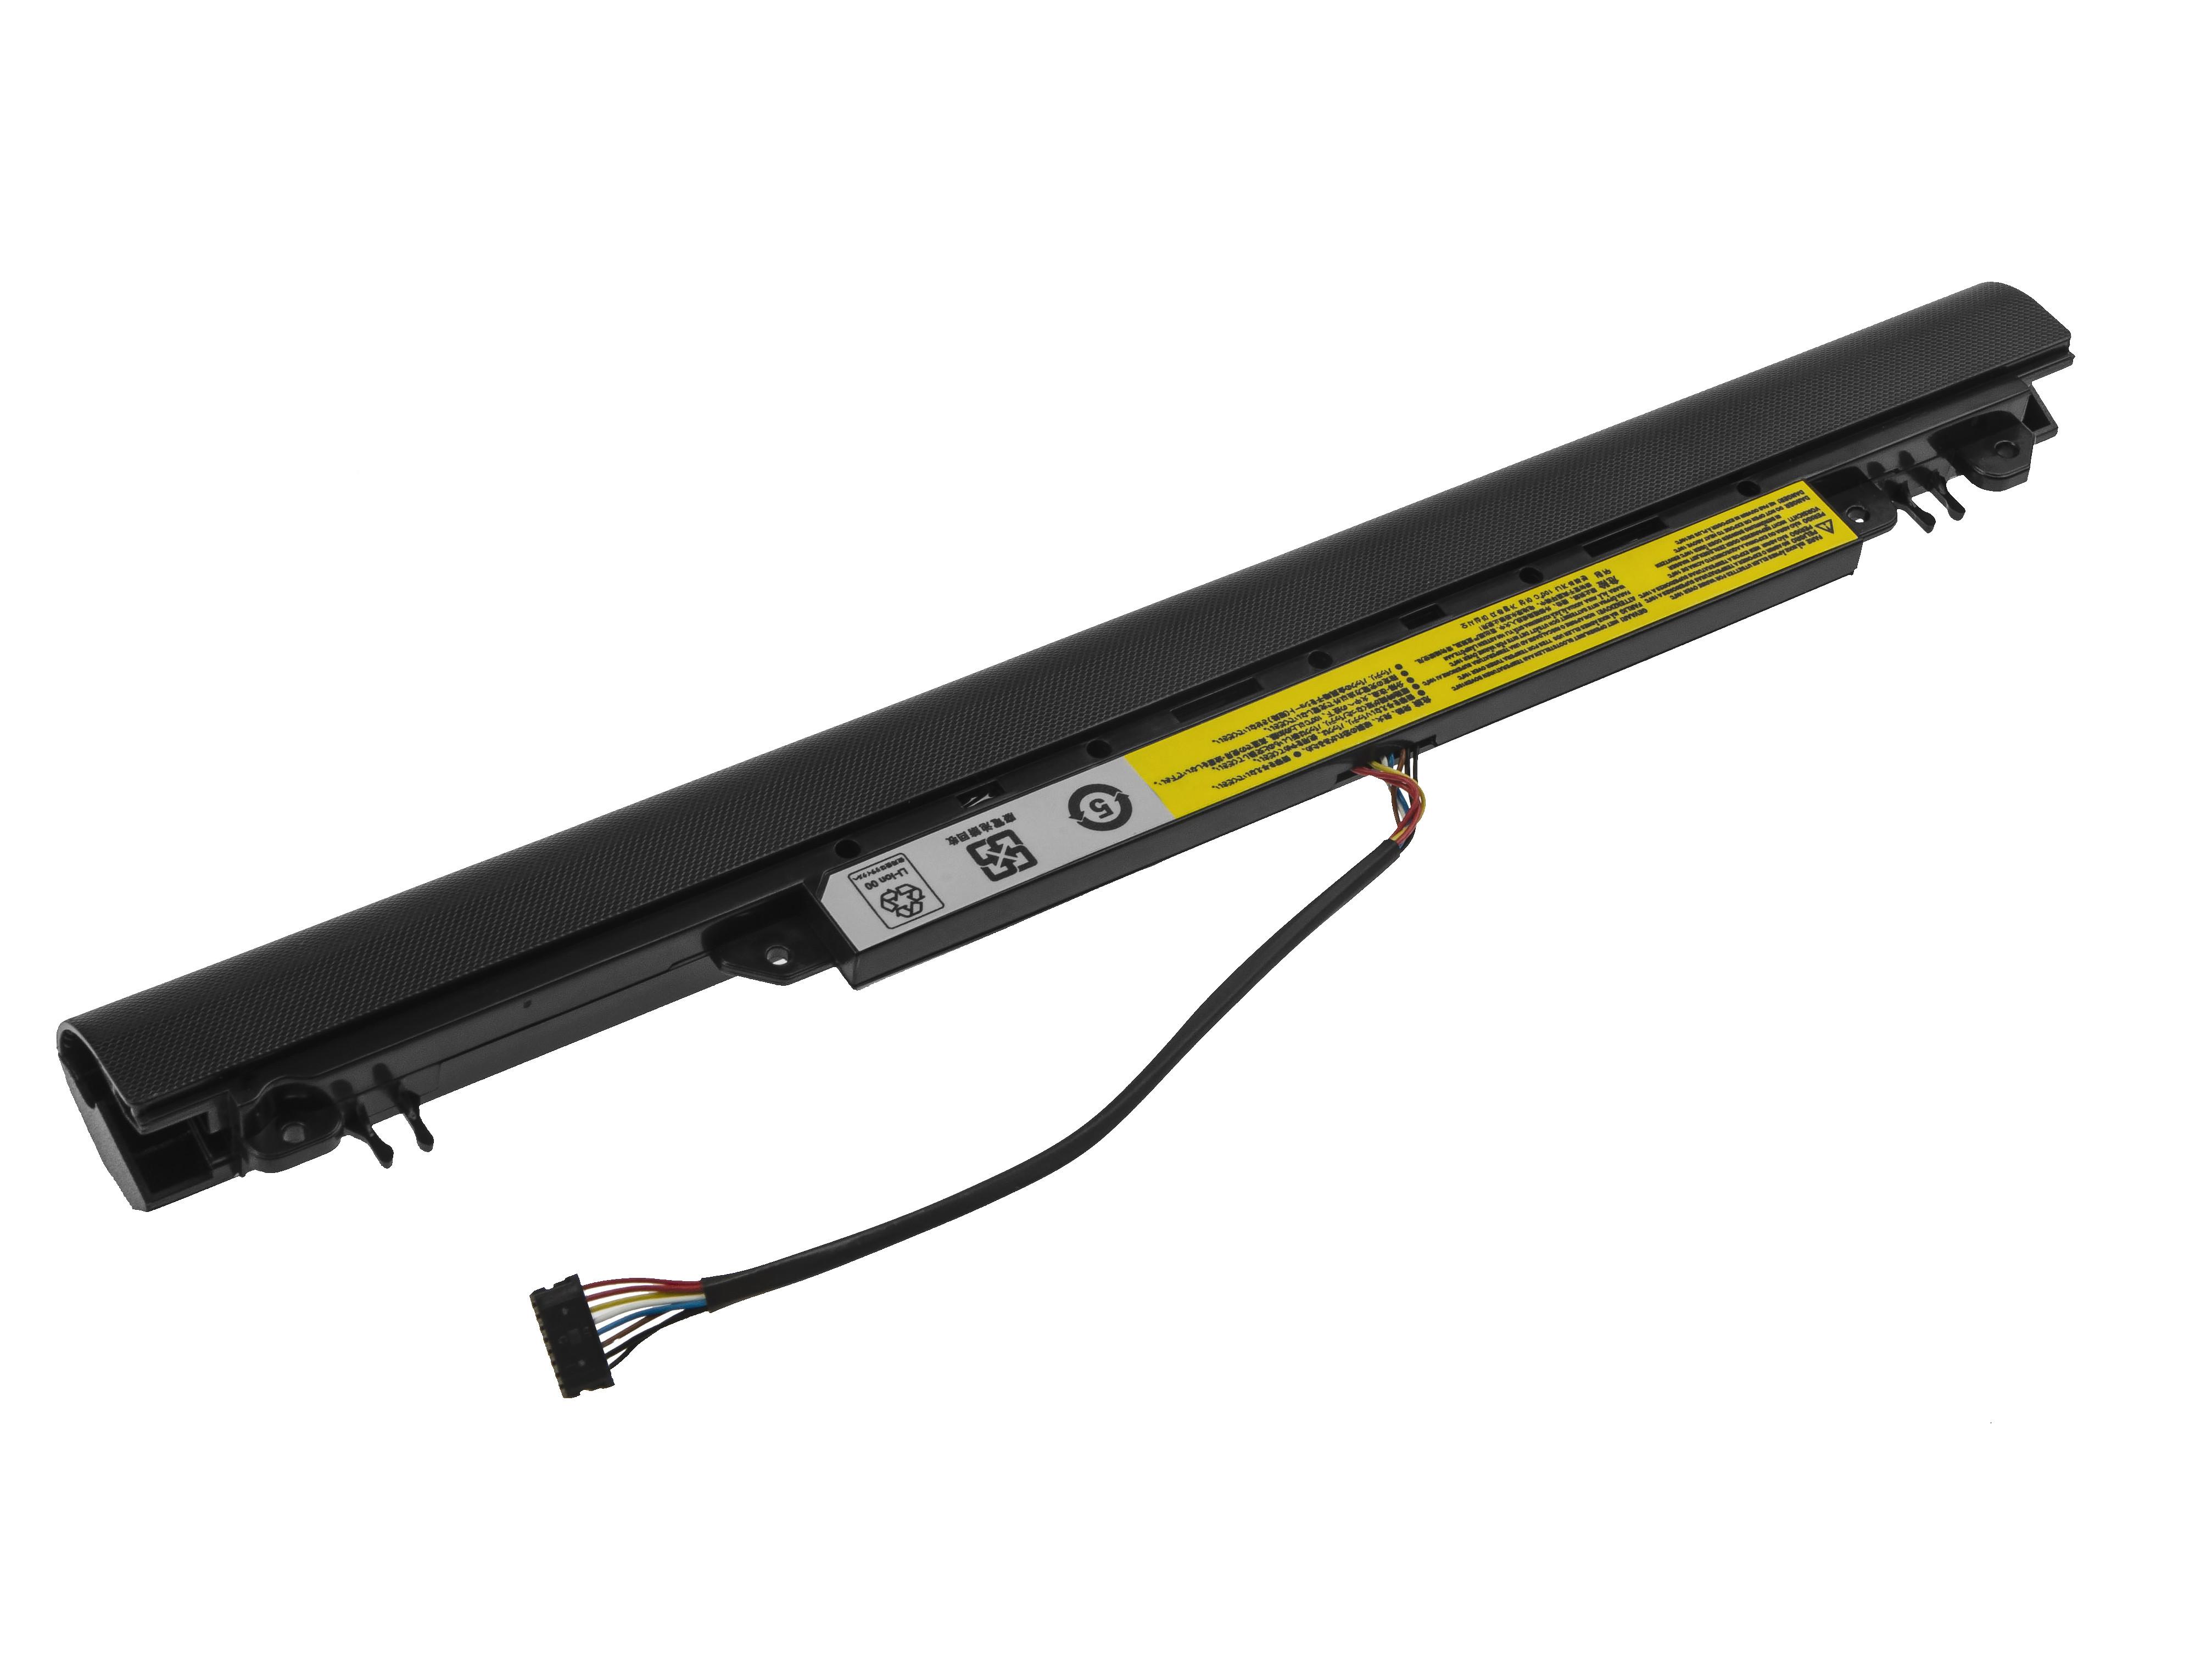 Green Cell ULTRA Battery L15C3A03 L15L3A03 L15S3A02 for Lenovo IdeaPad 110-14IBR 110-15ACL 110-15AST 110-15IBR